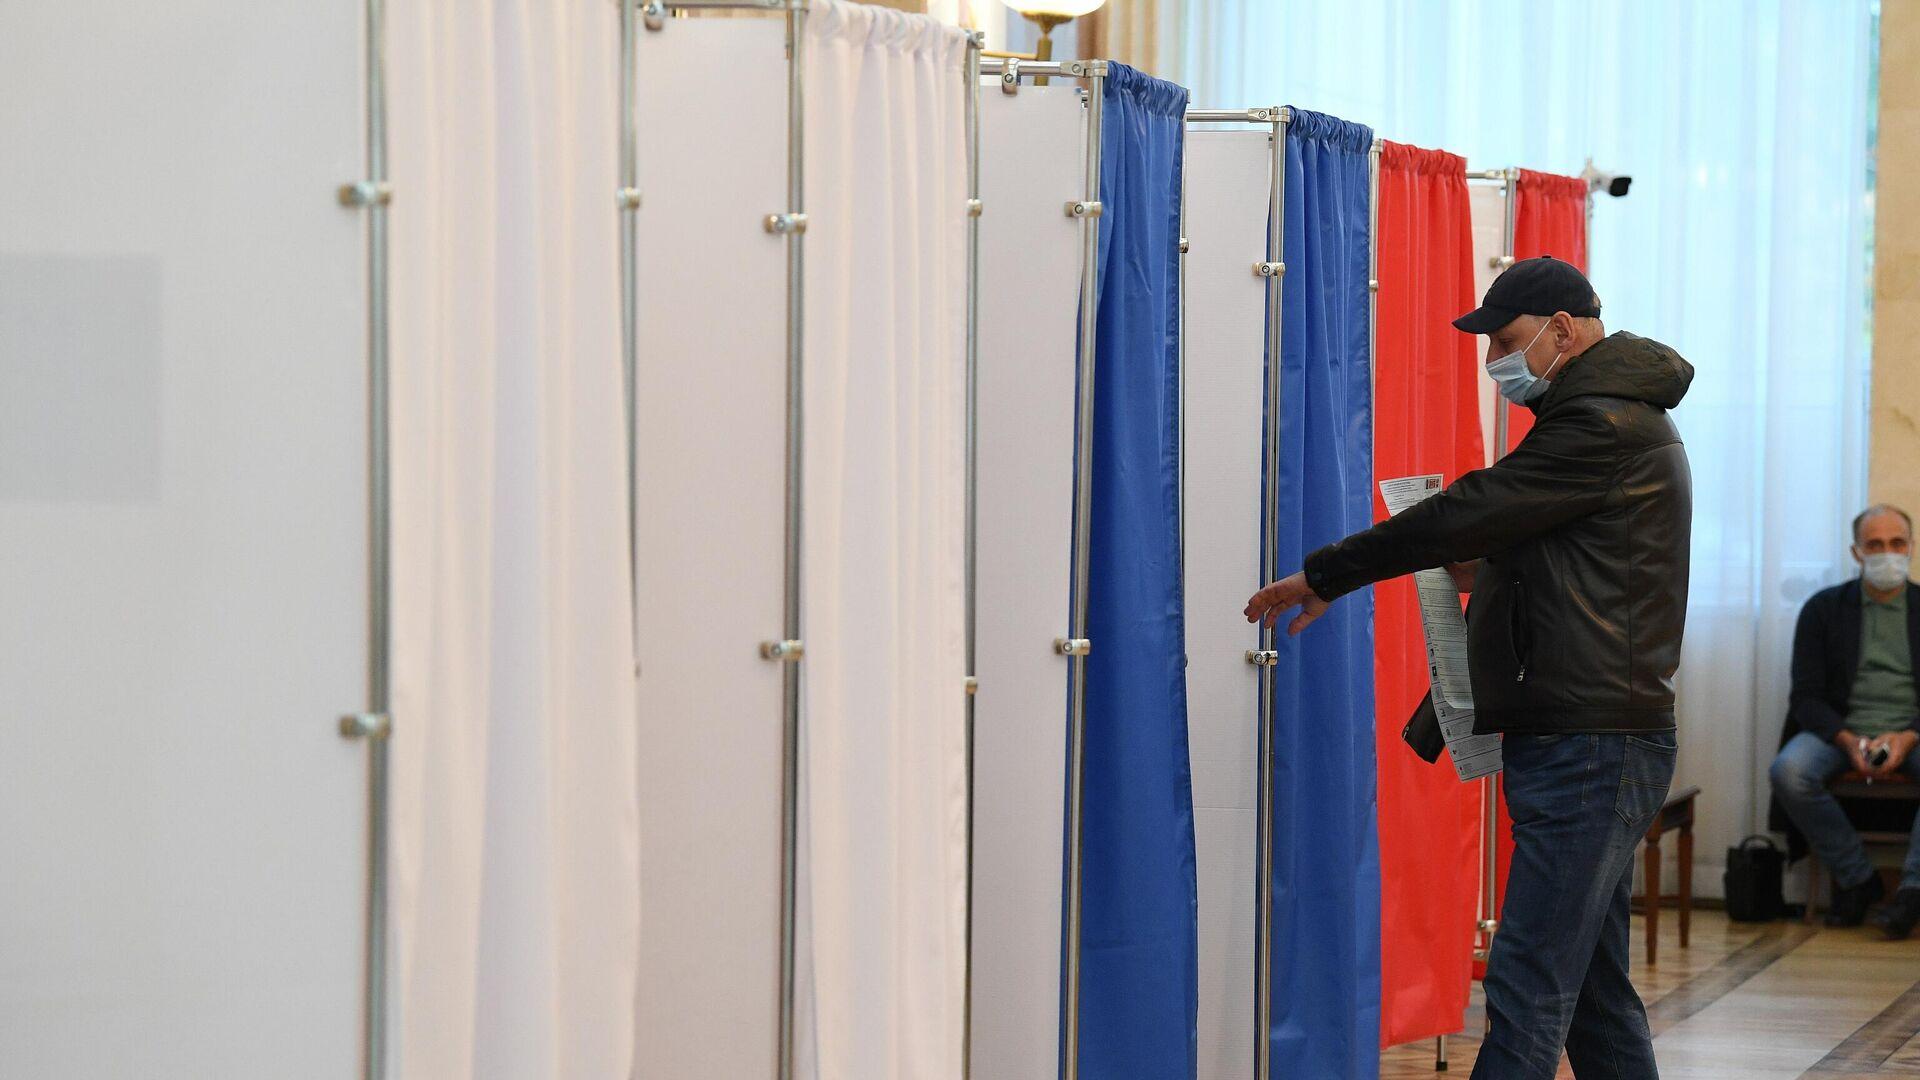 Голосование в российском посольстве в Минске - Sputnik Беларусь, 1920, 20.09.2021